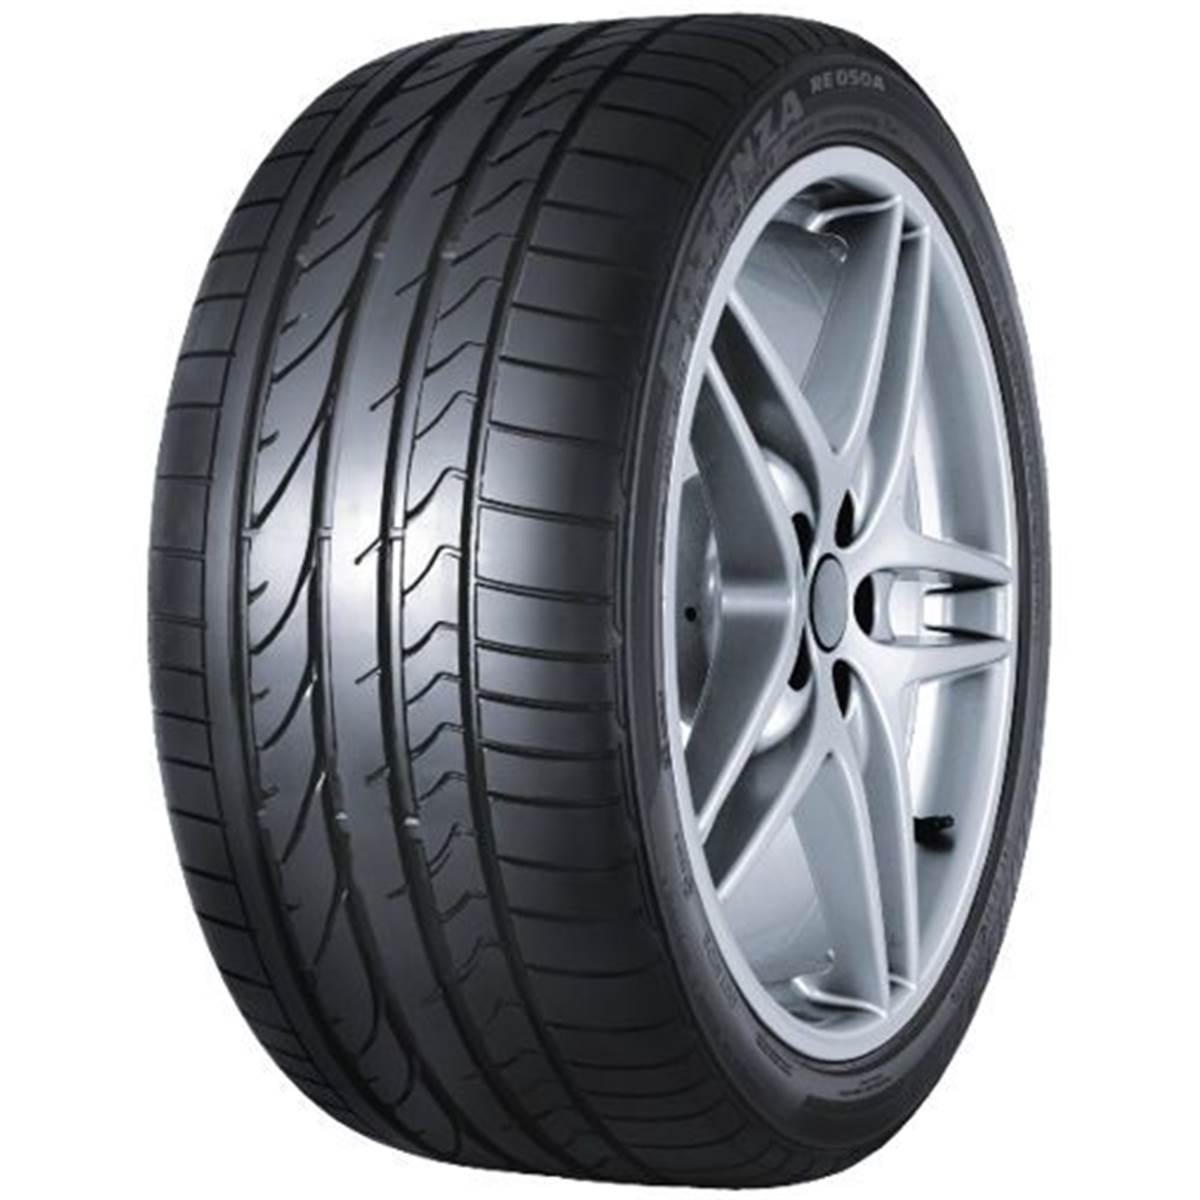 Pneu Bridgestone 255/40R18 95W Potenza Re050A homologué Mercedes